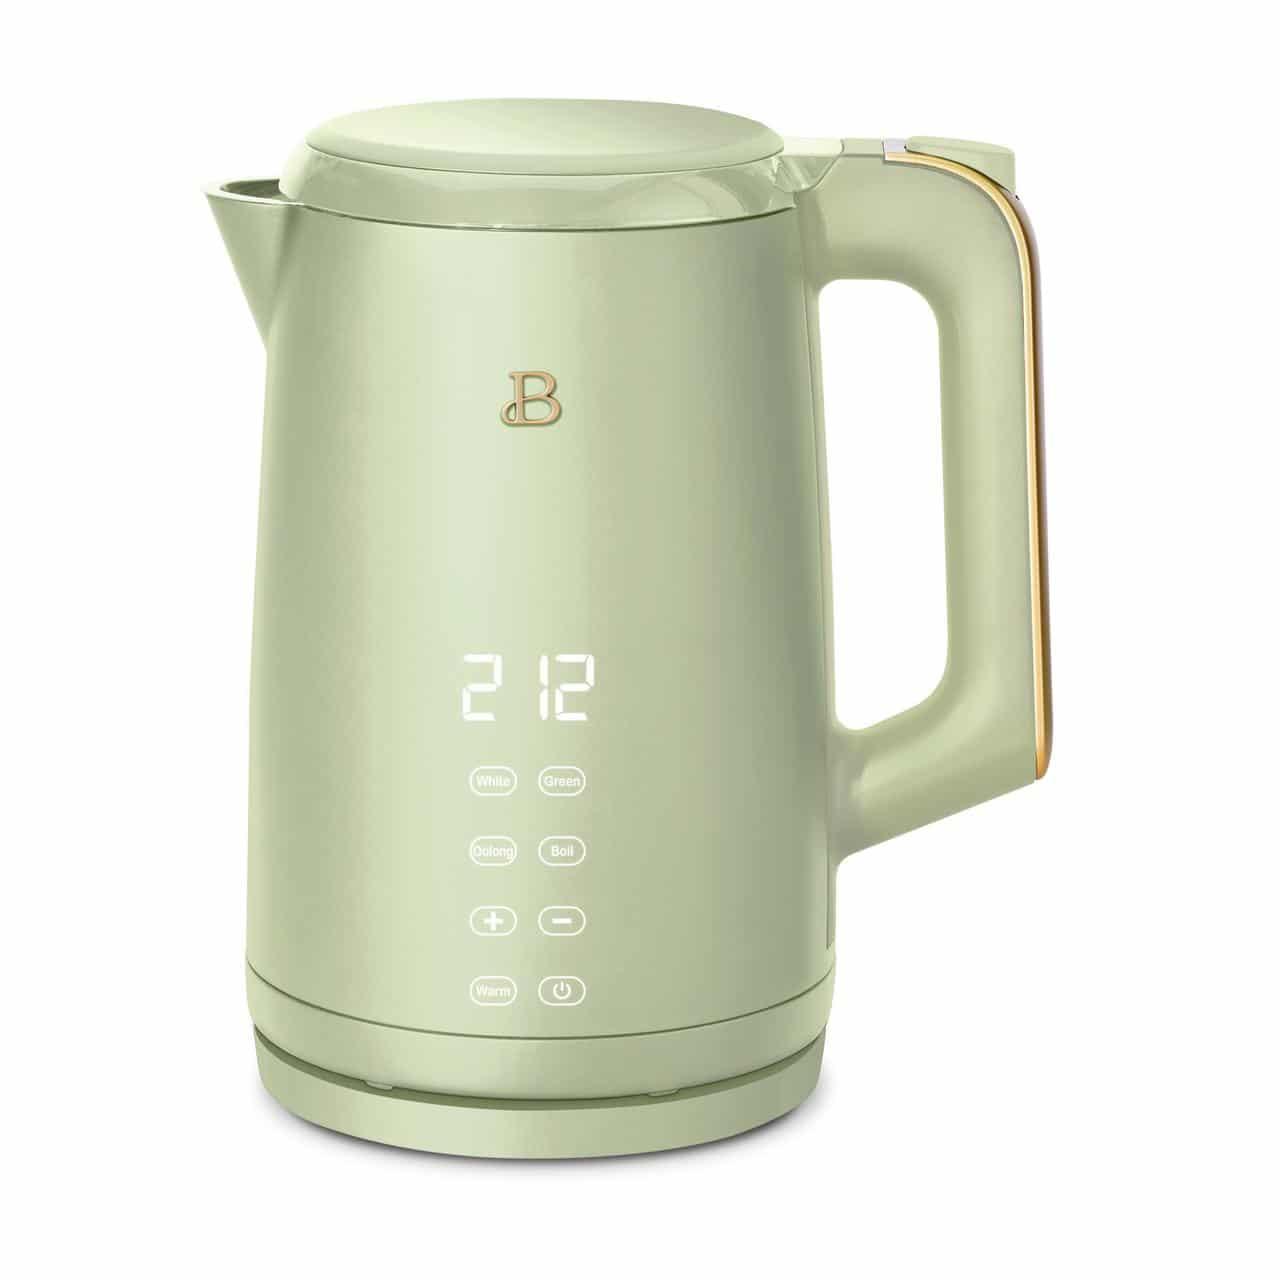 retro electric kettle drew barrymore walmart